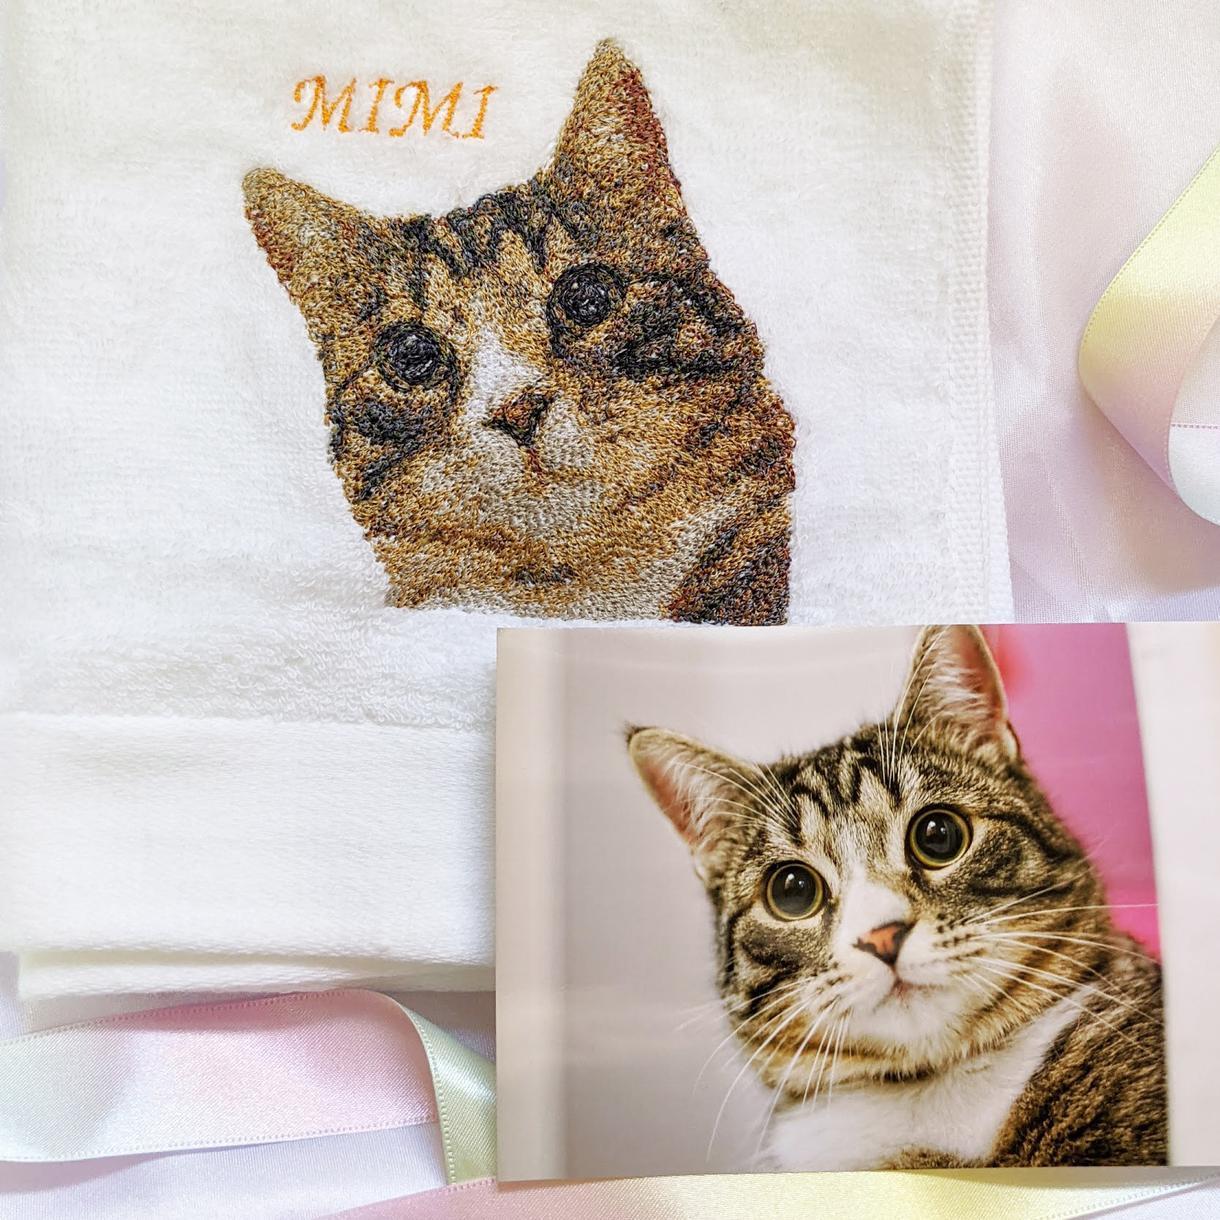 愛するお子さんやペットのお写真刺しゅうします 美しいフォト刺しゅうで世界に1枚のタオルをつくろう。 イメージ1